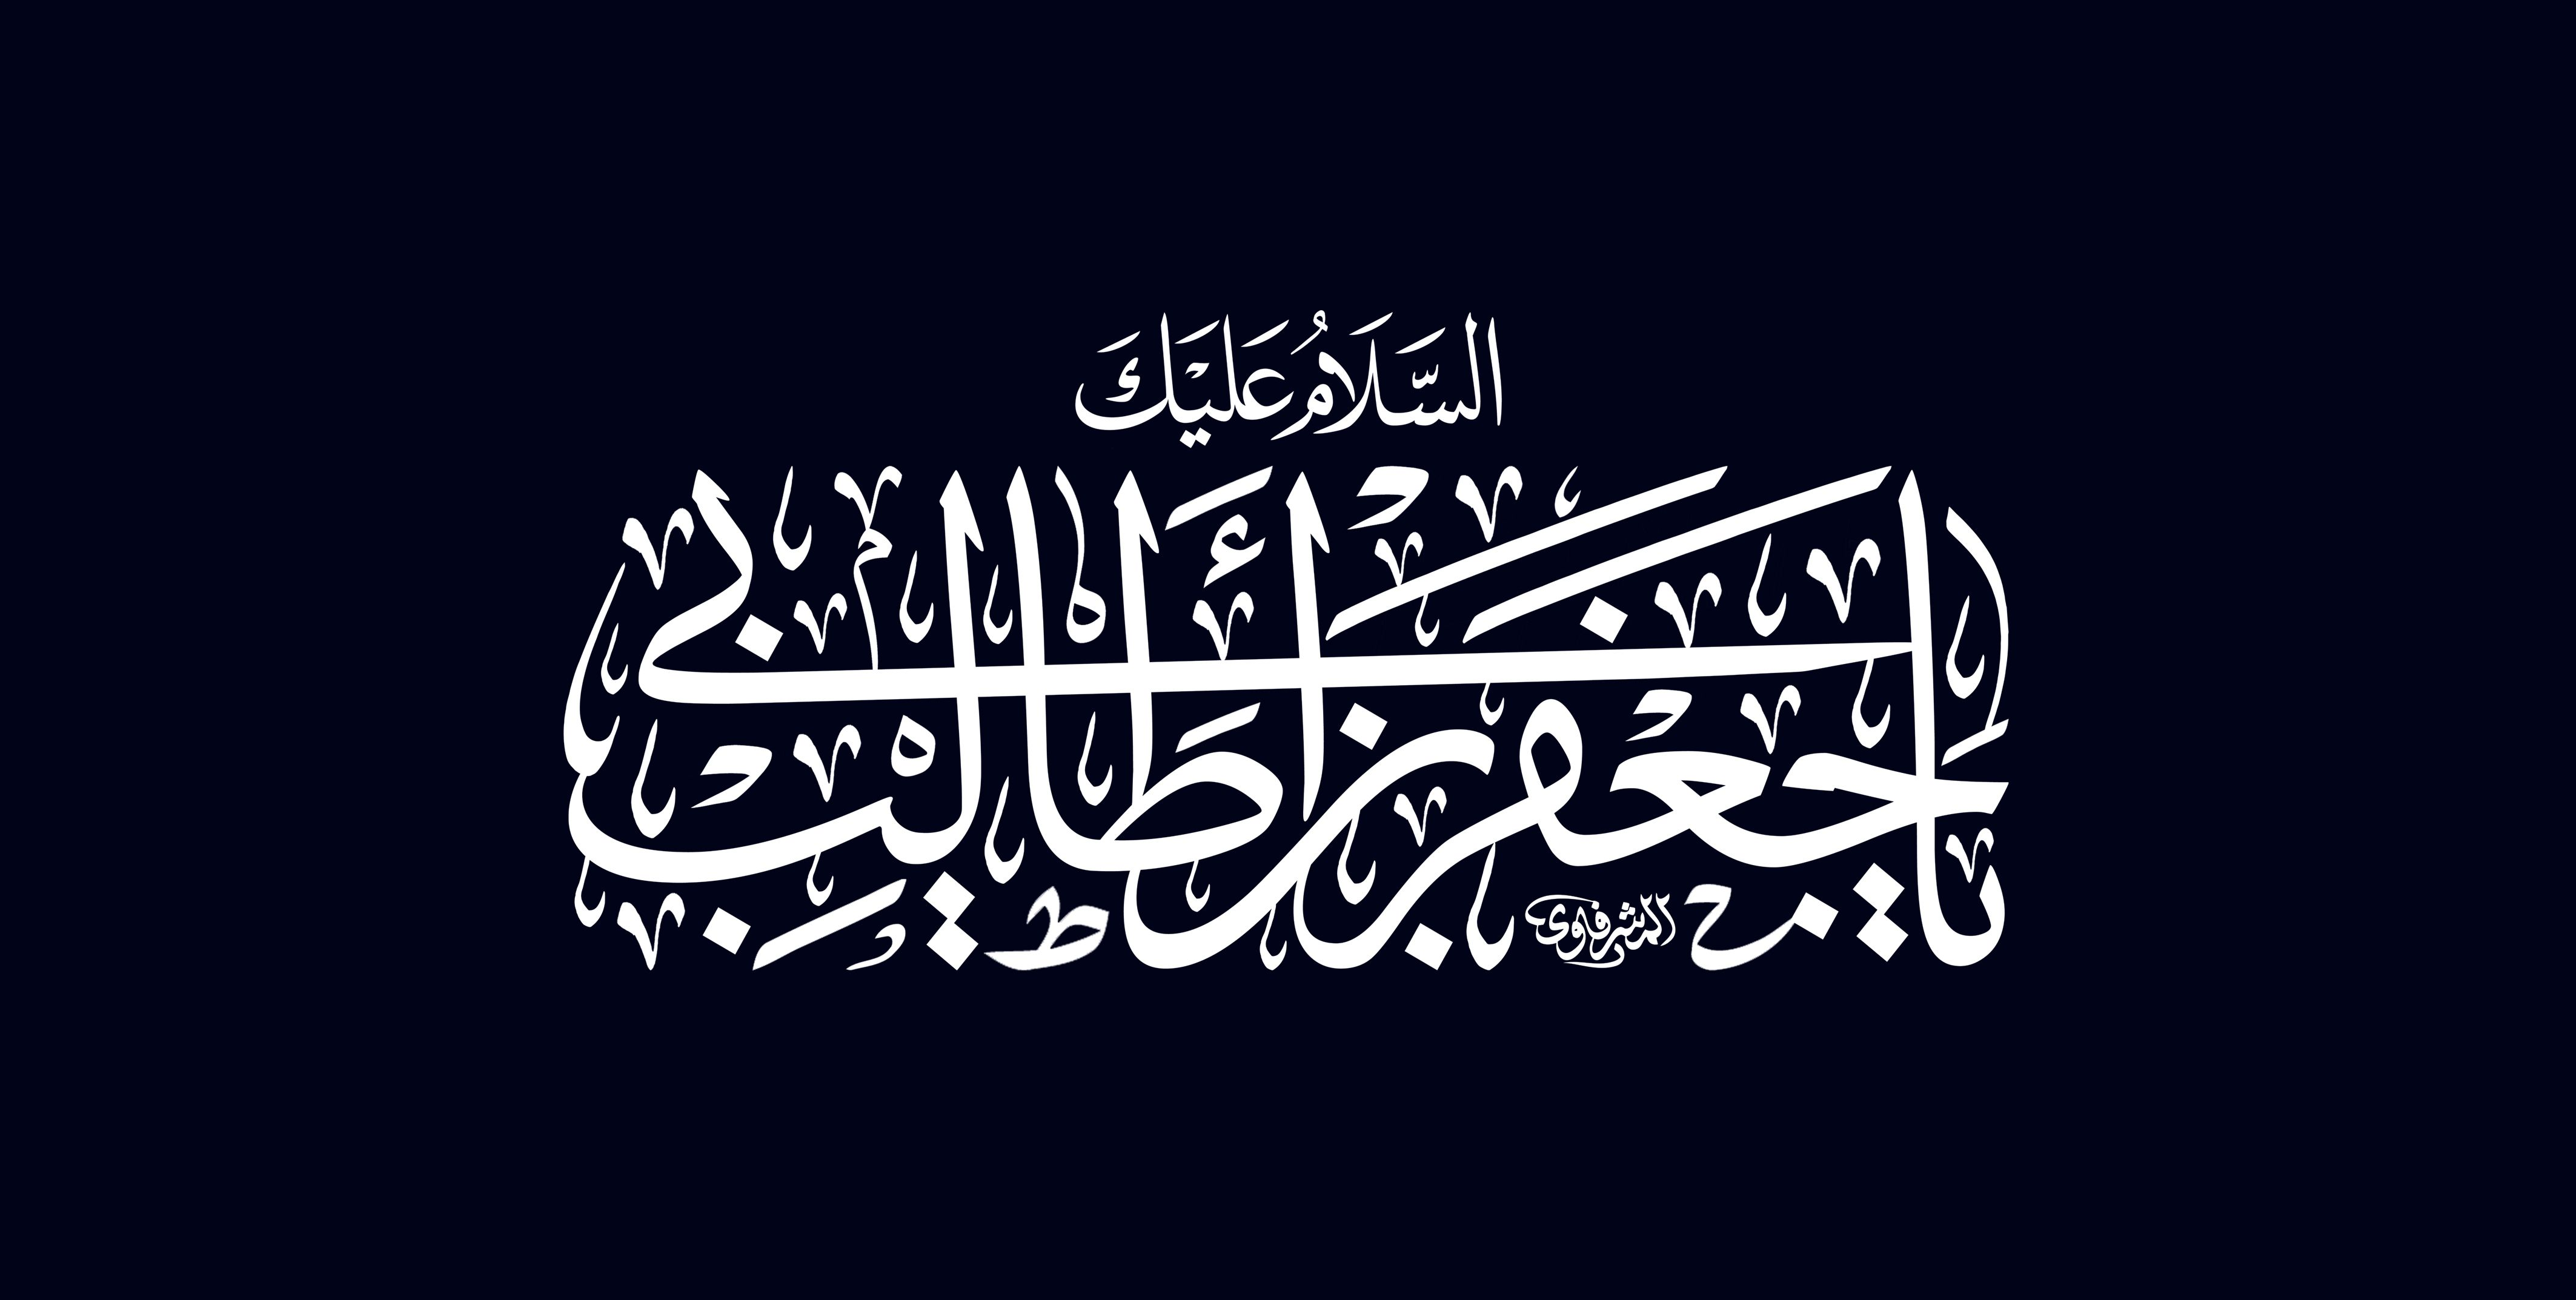 السلام عليك يا جعفر بن أبي طالب Arabic Calligraphy Calligraphy